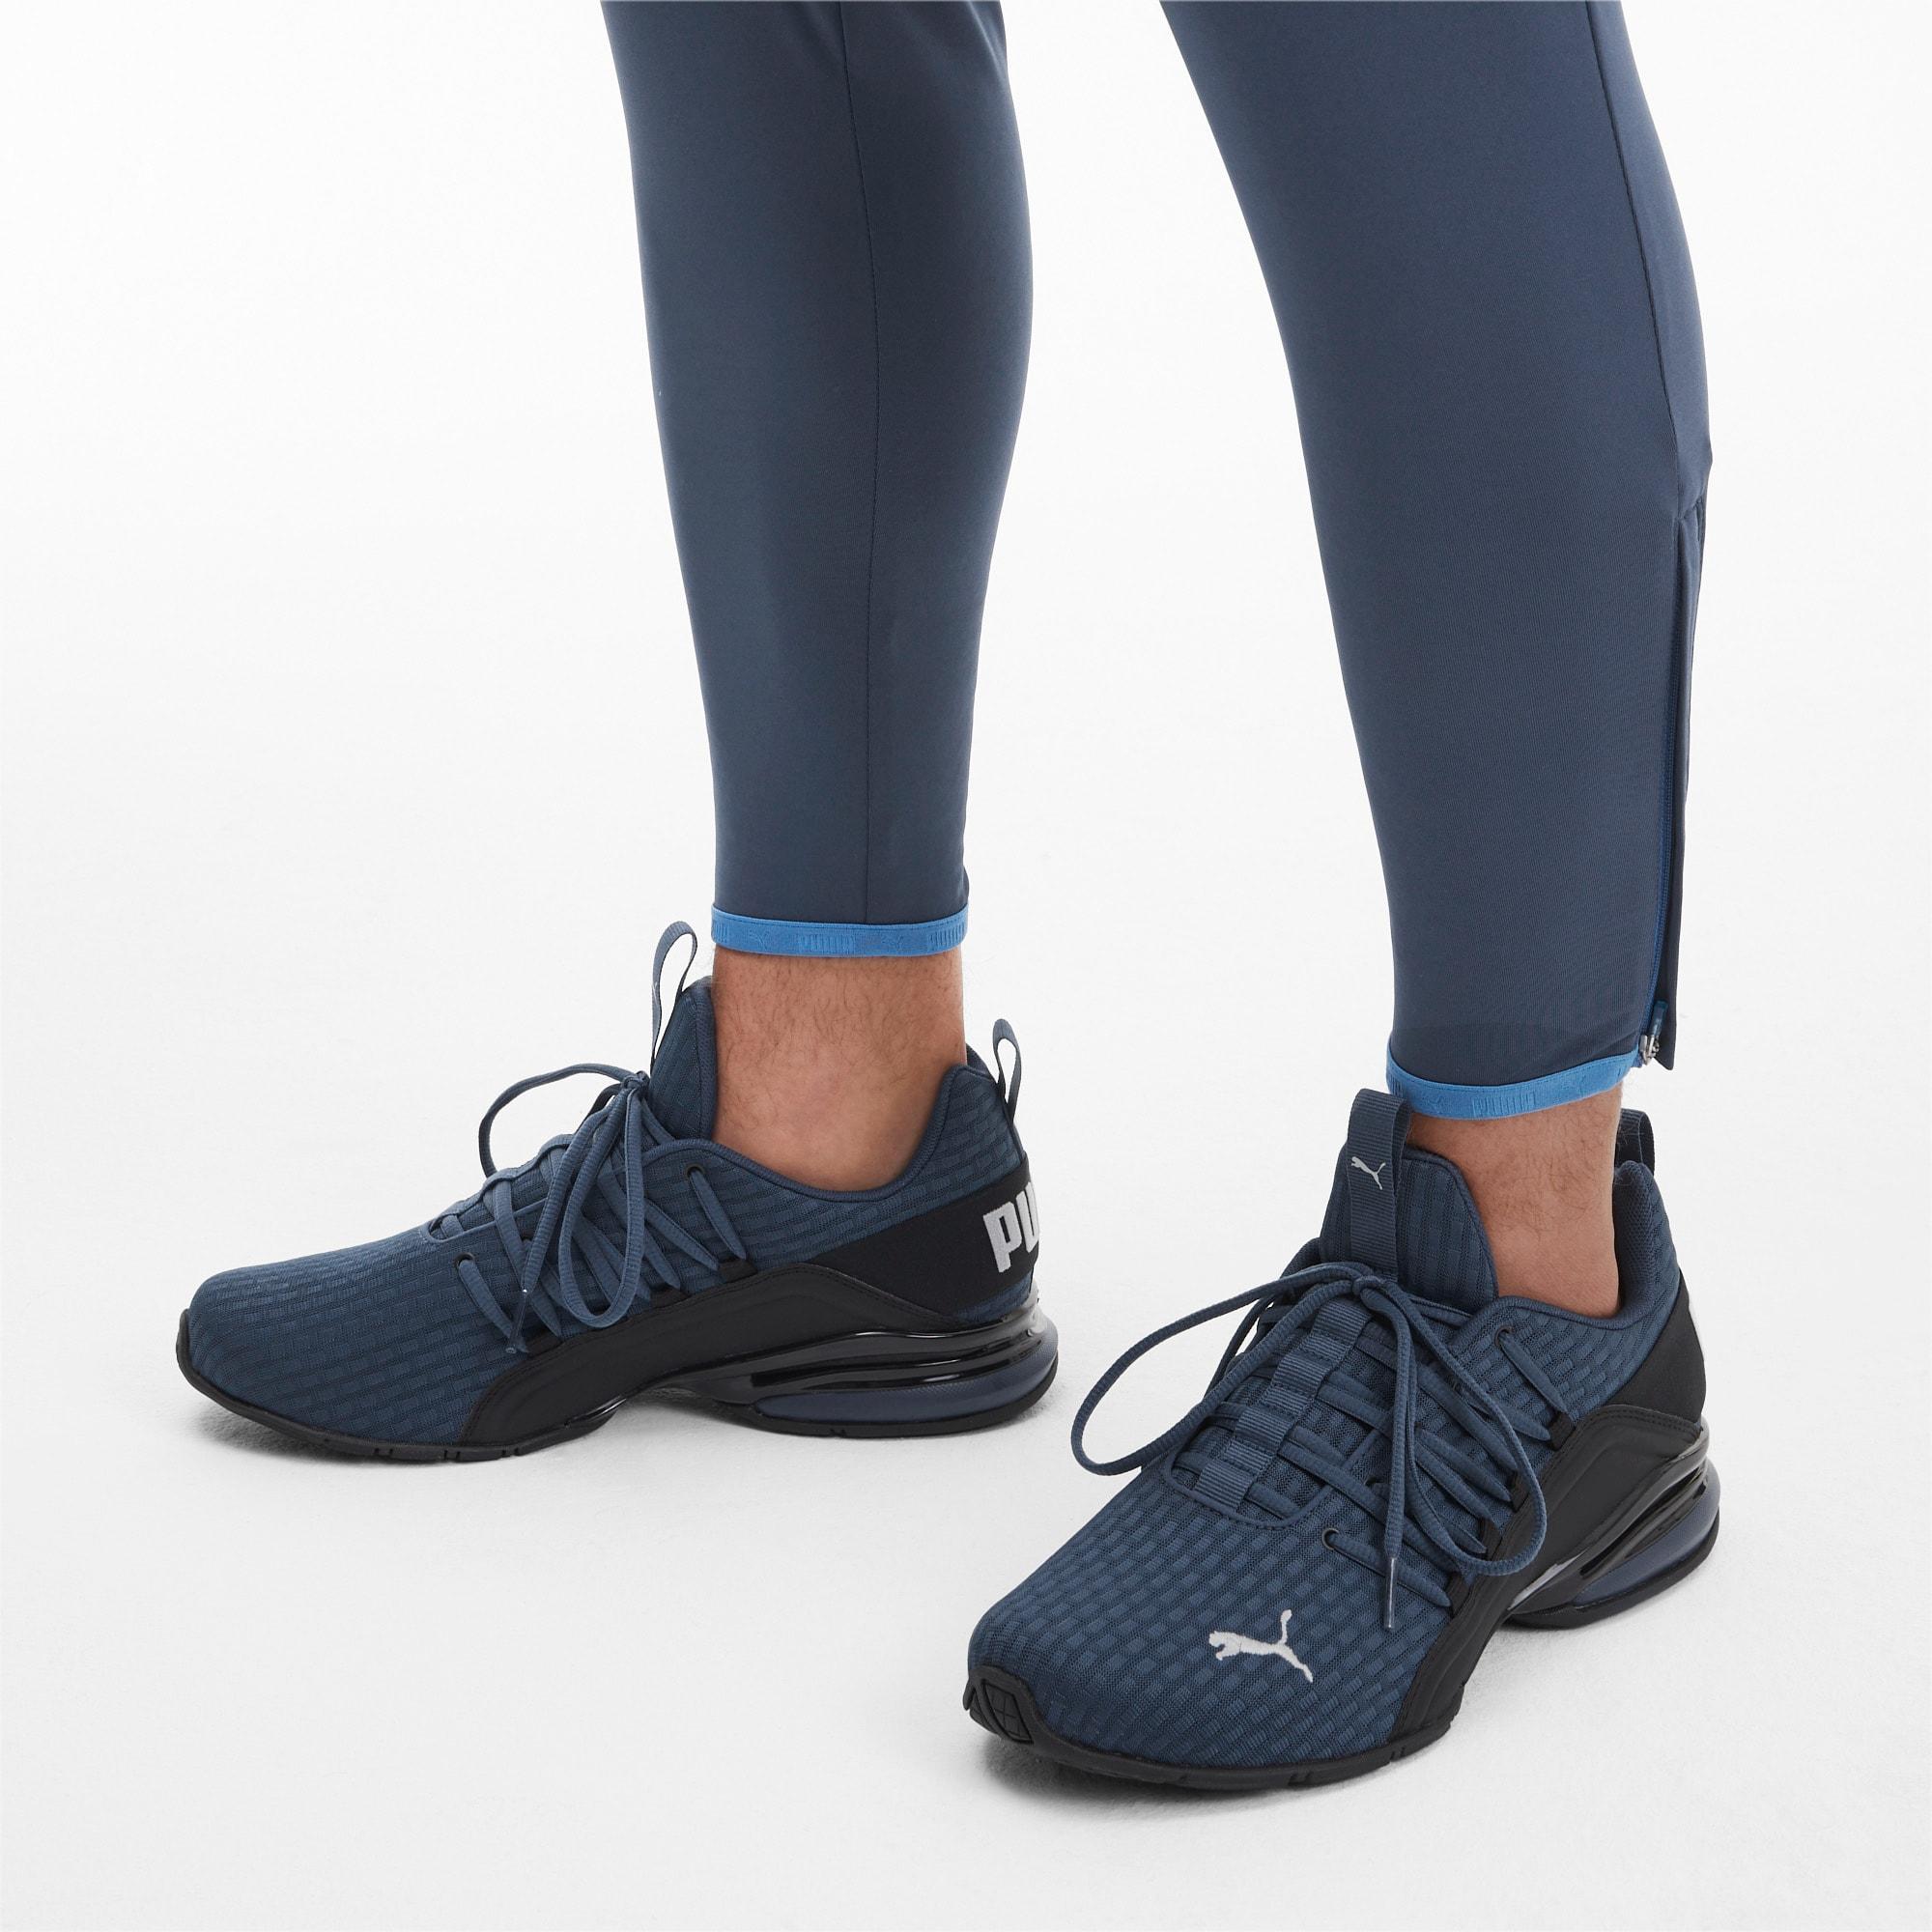 Axelion Block Men's Training Shoes